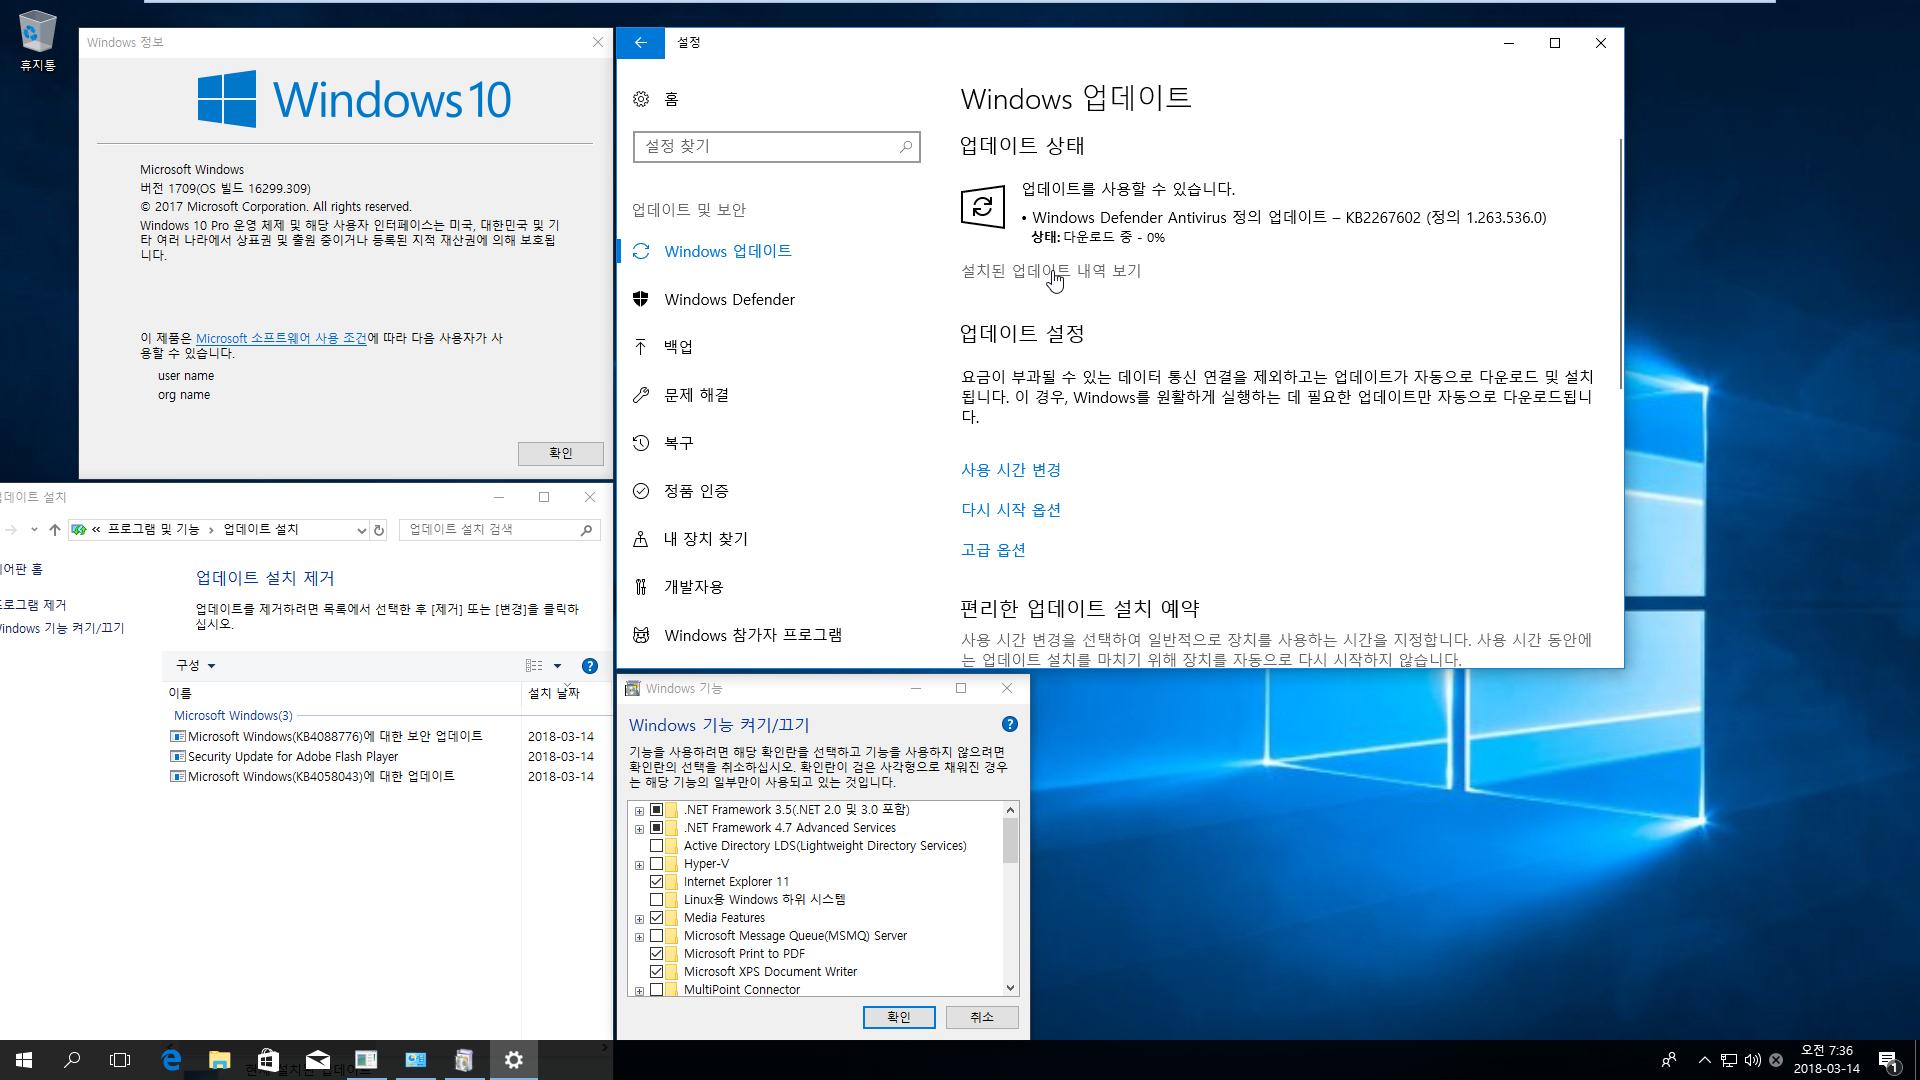 2018년 3월 14일 정기 업데이트 나왔네요 - 윈도10 버전1709 [16299.309] 통합중 입니다 2018-03-14_072011.png